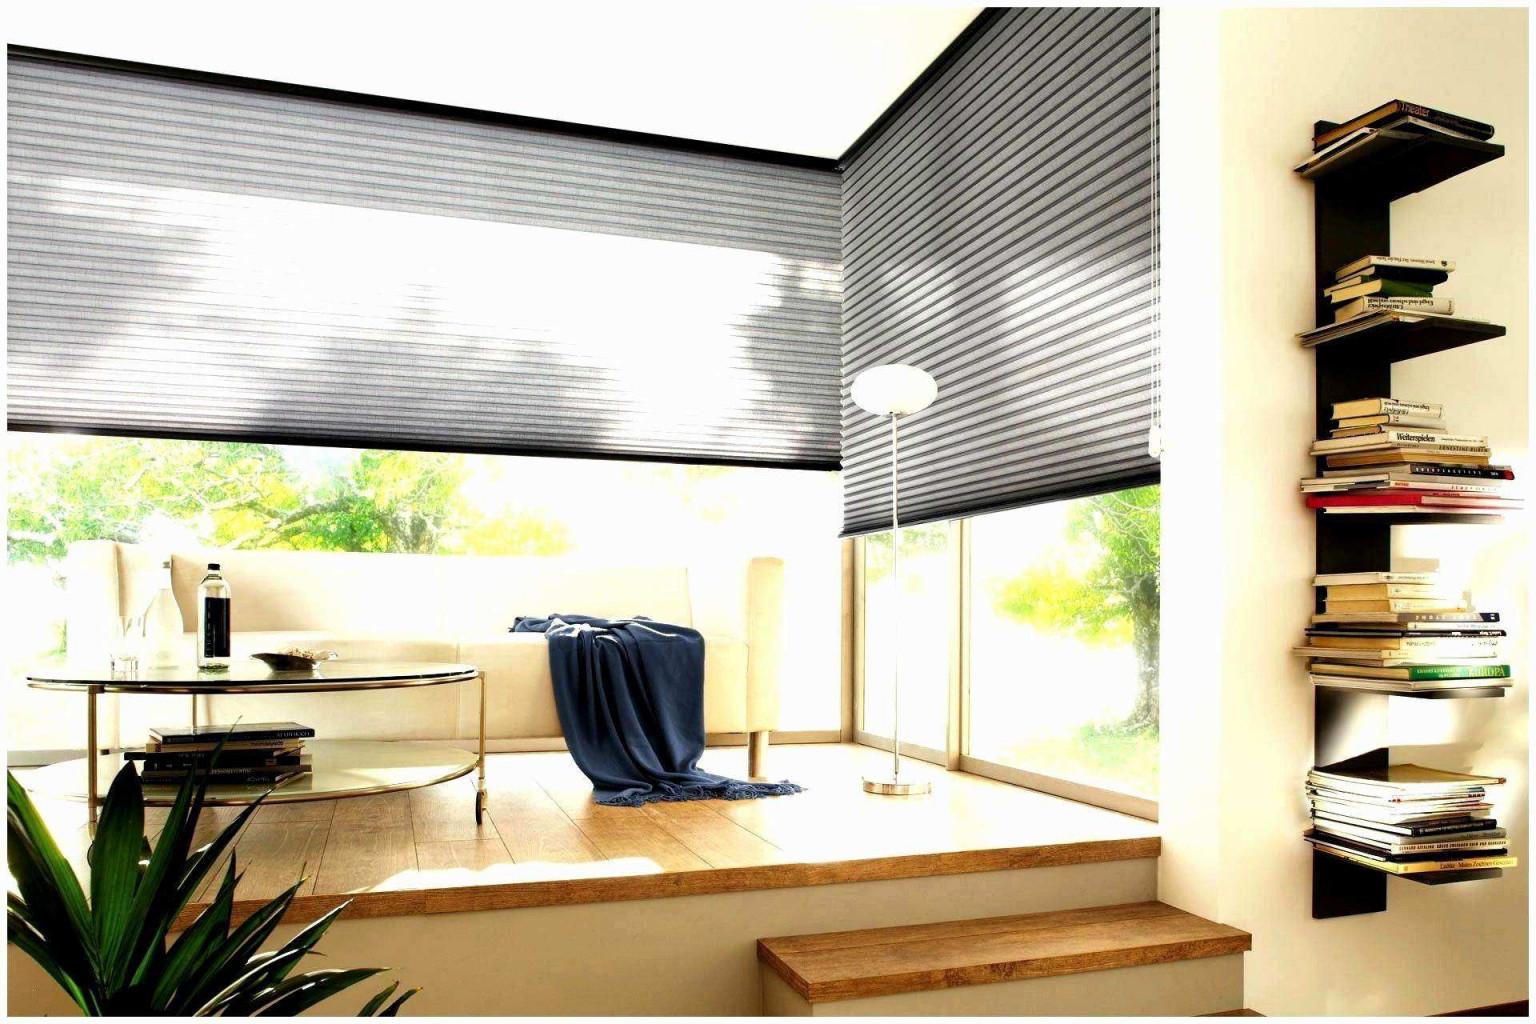 59 Reizend Fenstergestaltung Mit Gardinen Beispiele Frisch von Fenstergestaltung Wohnzimmer Ideen Bild